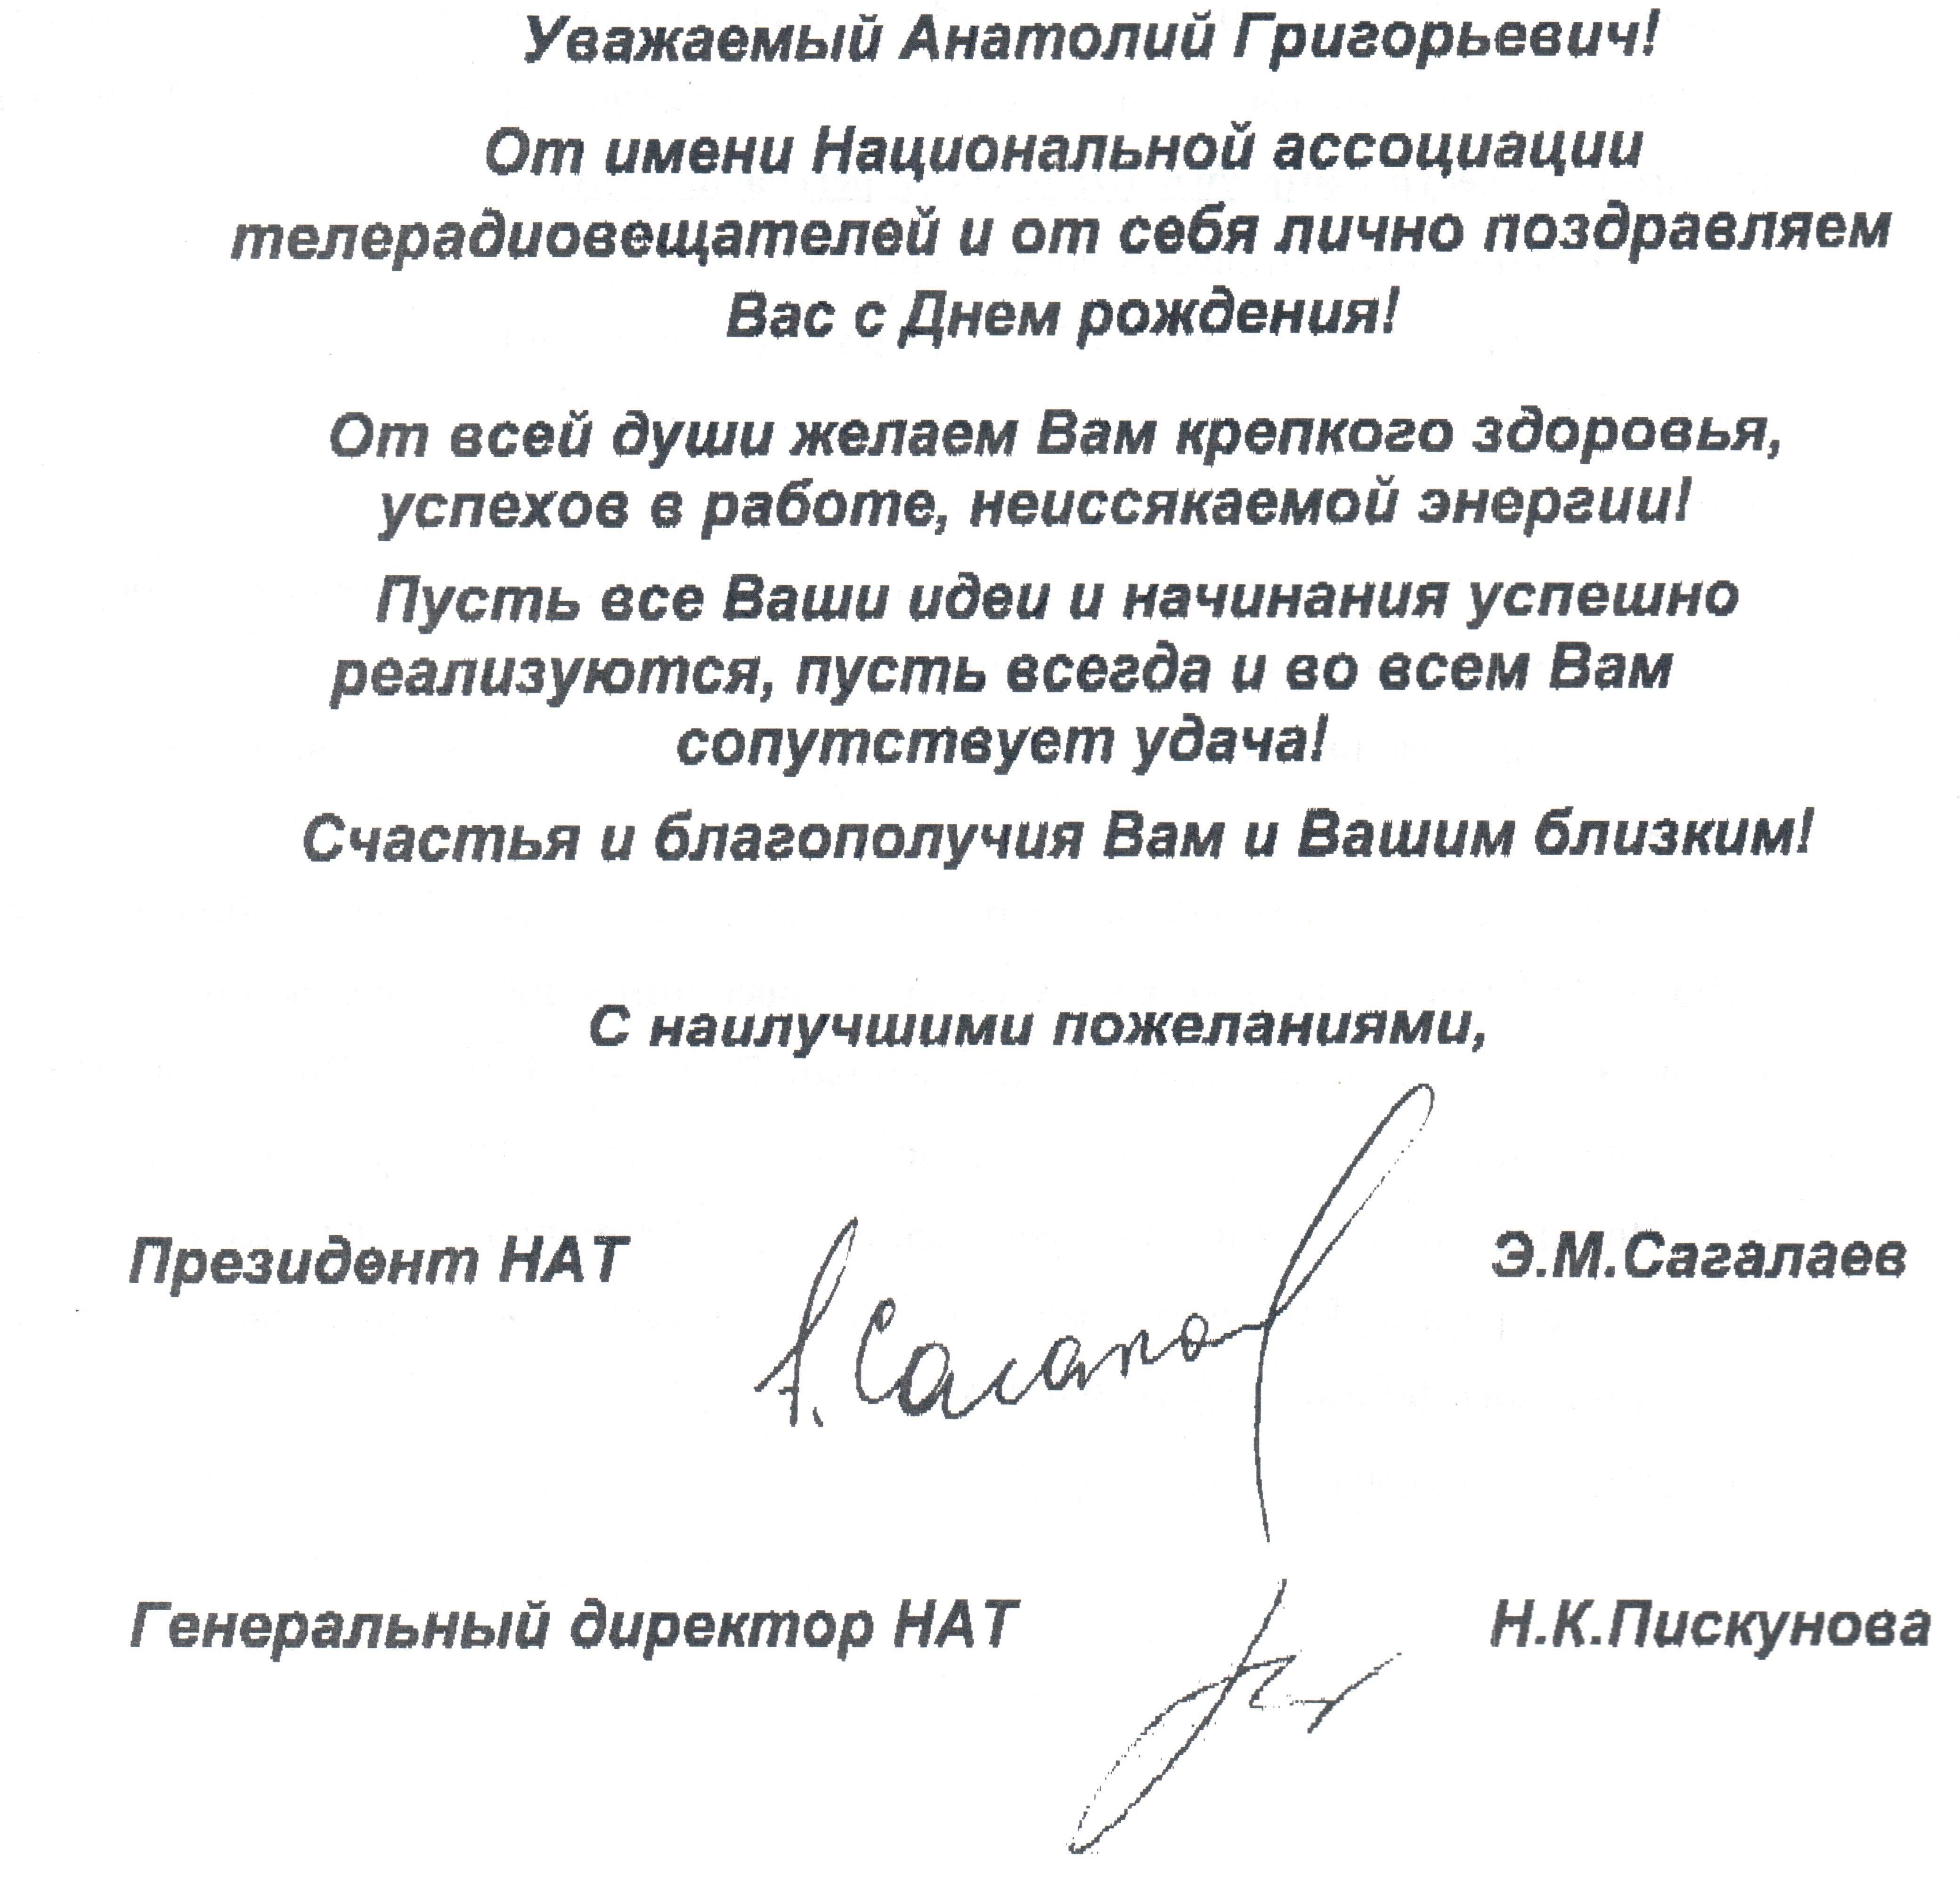 Ot Sagalaeva